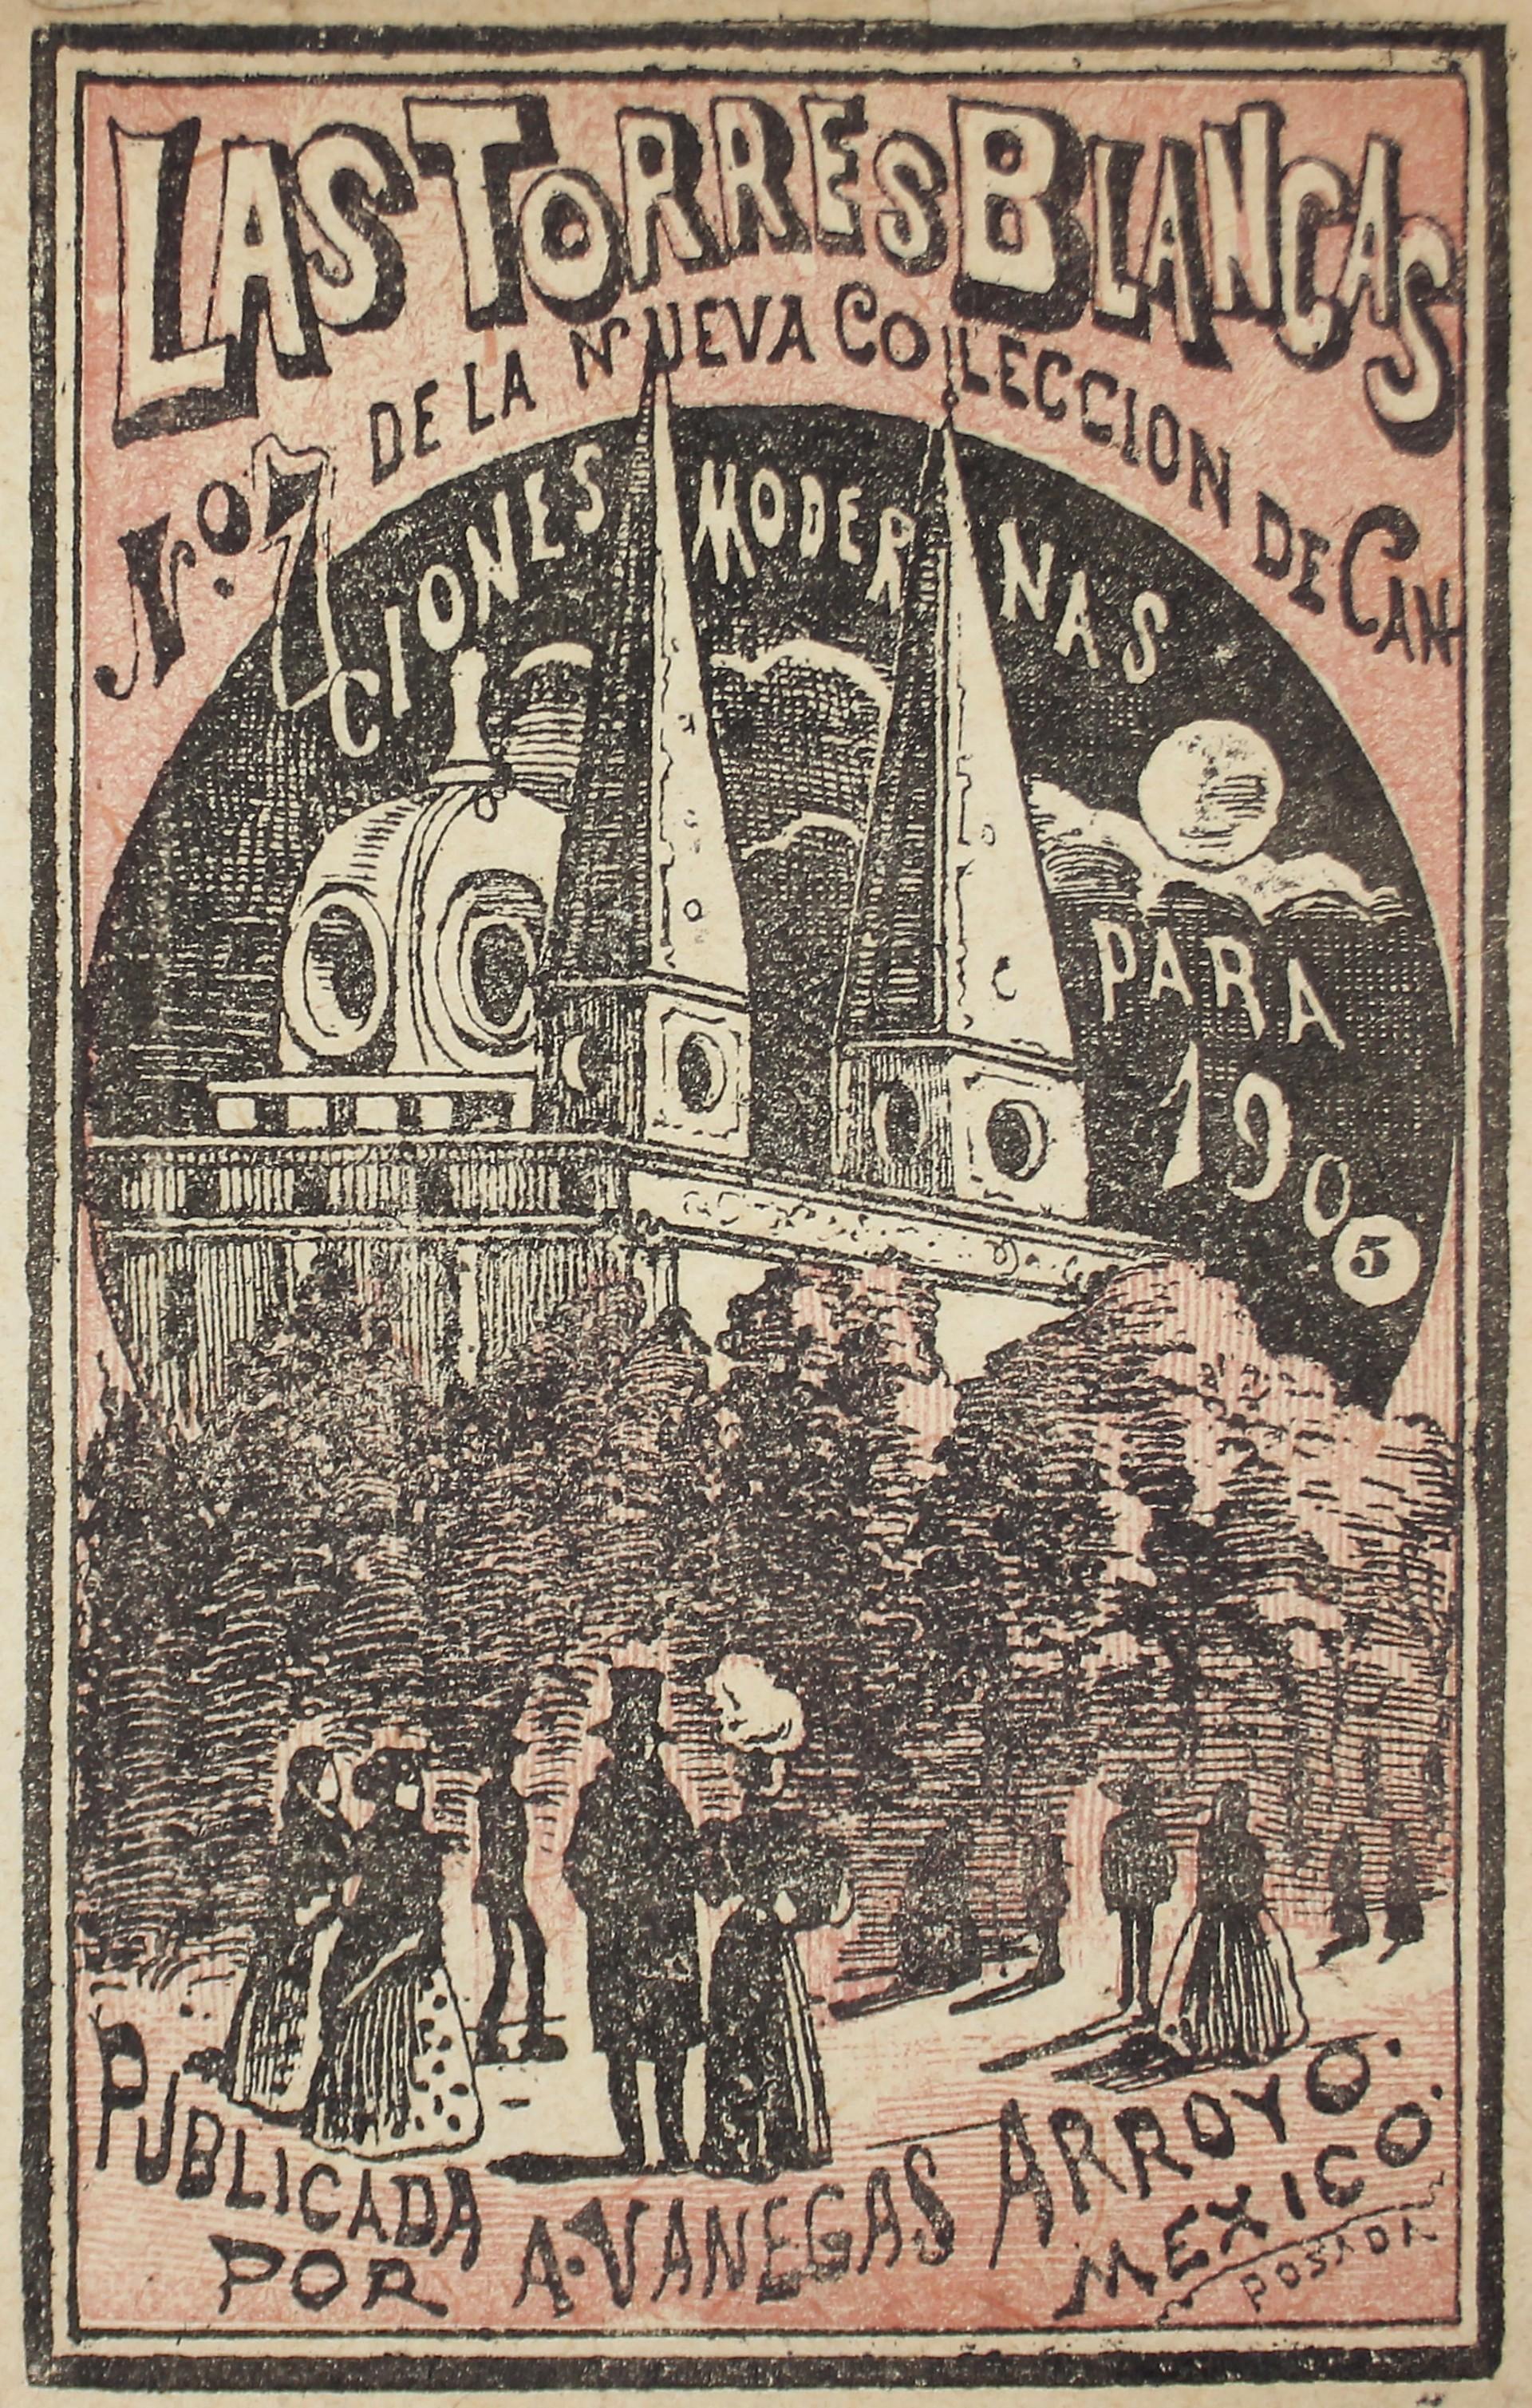 Las Torres Blancas. Colección de canciones modernas No. 7. by José Guadalupe Posada (1852 - 1913)